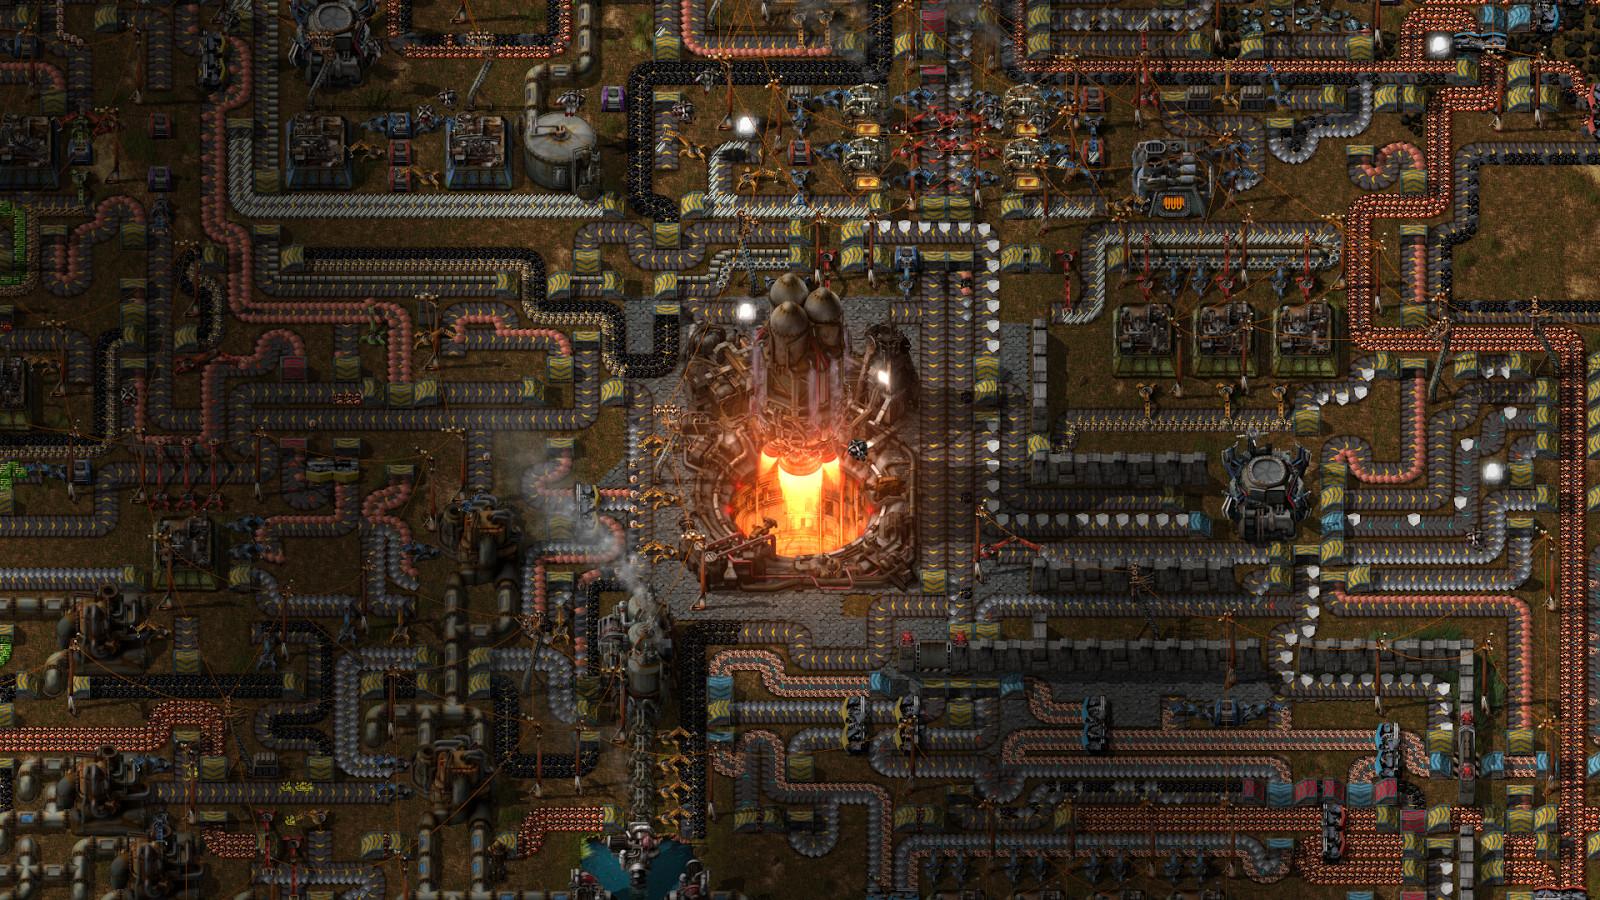 异星工厂图片